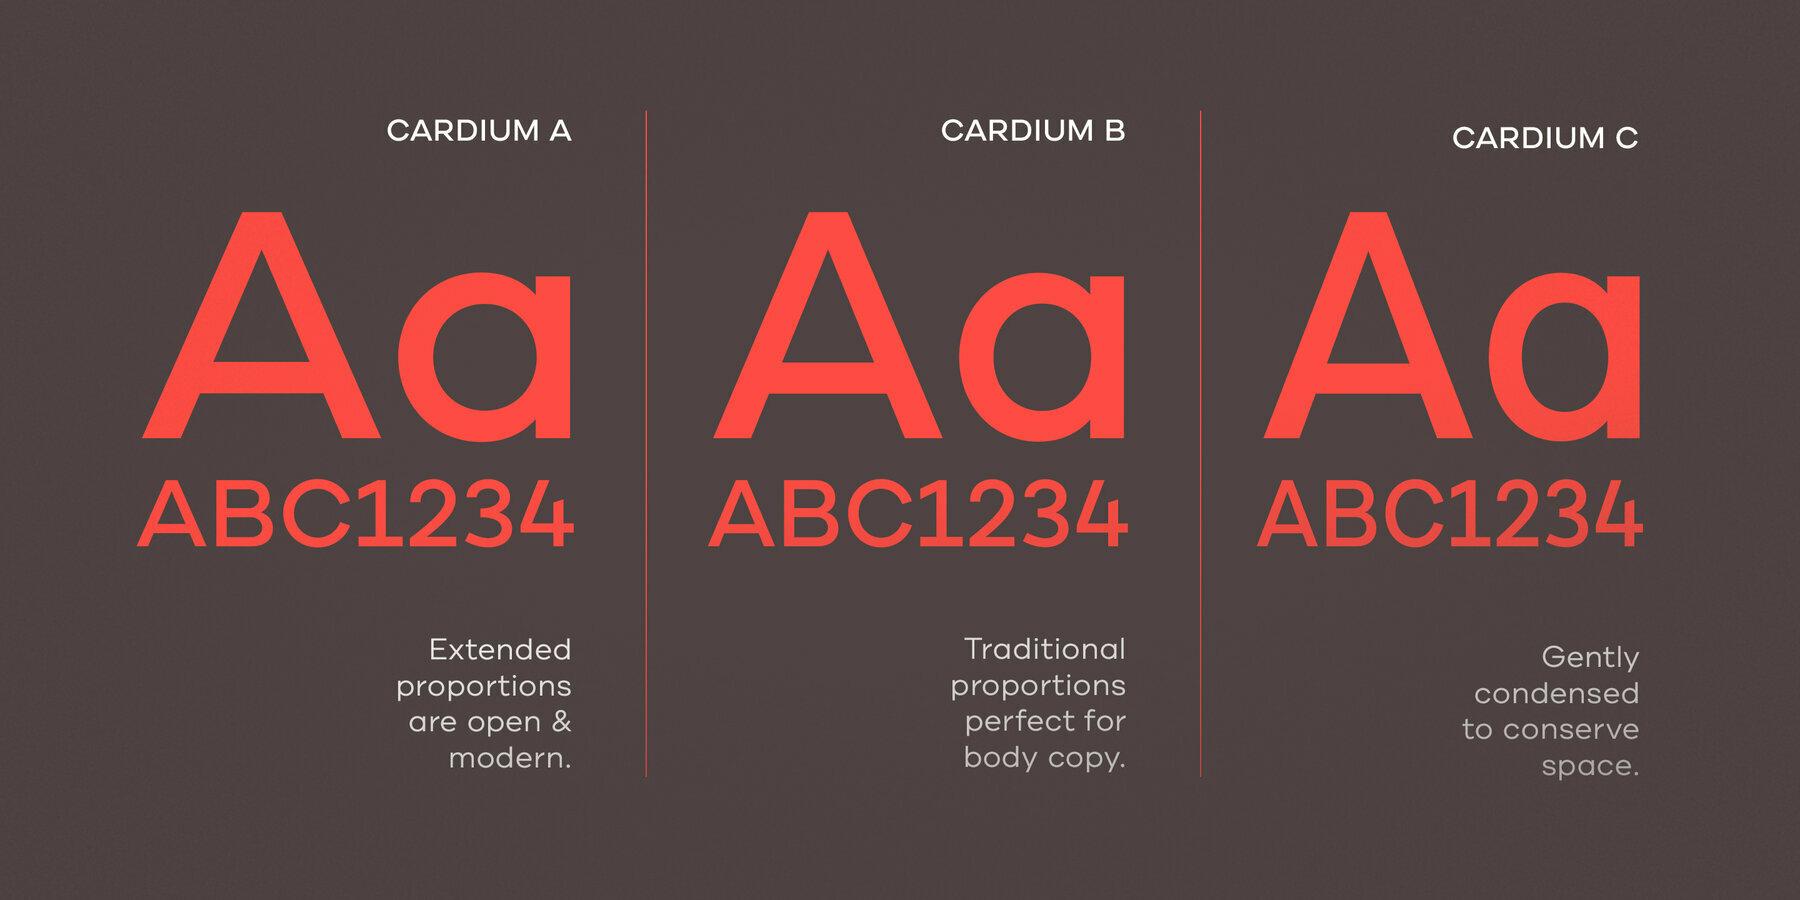 Cardium